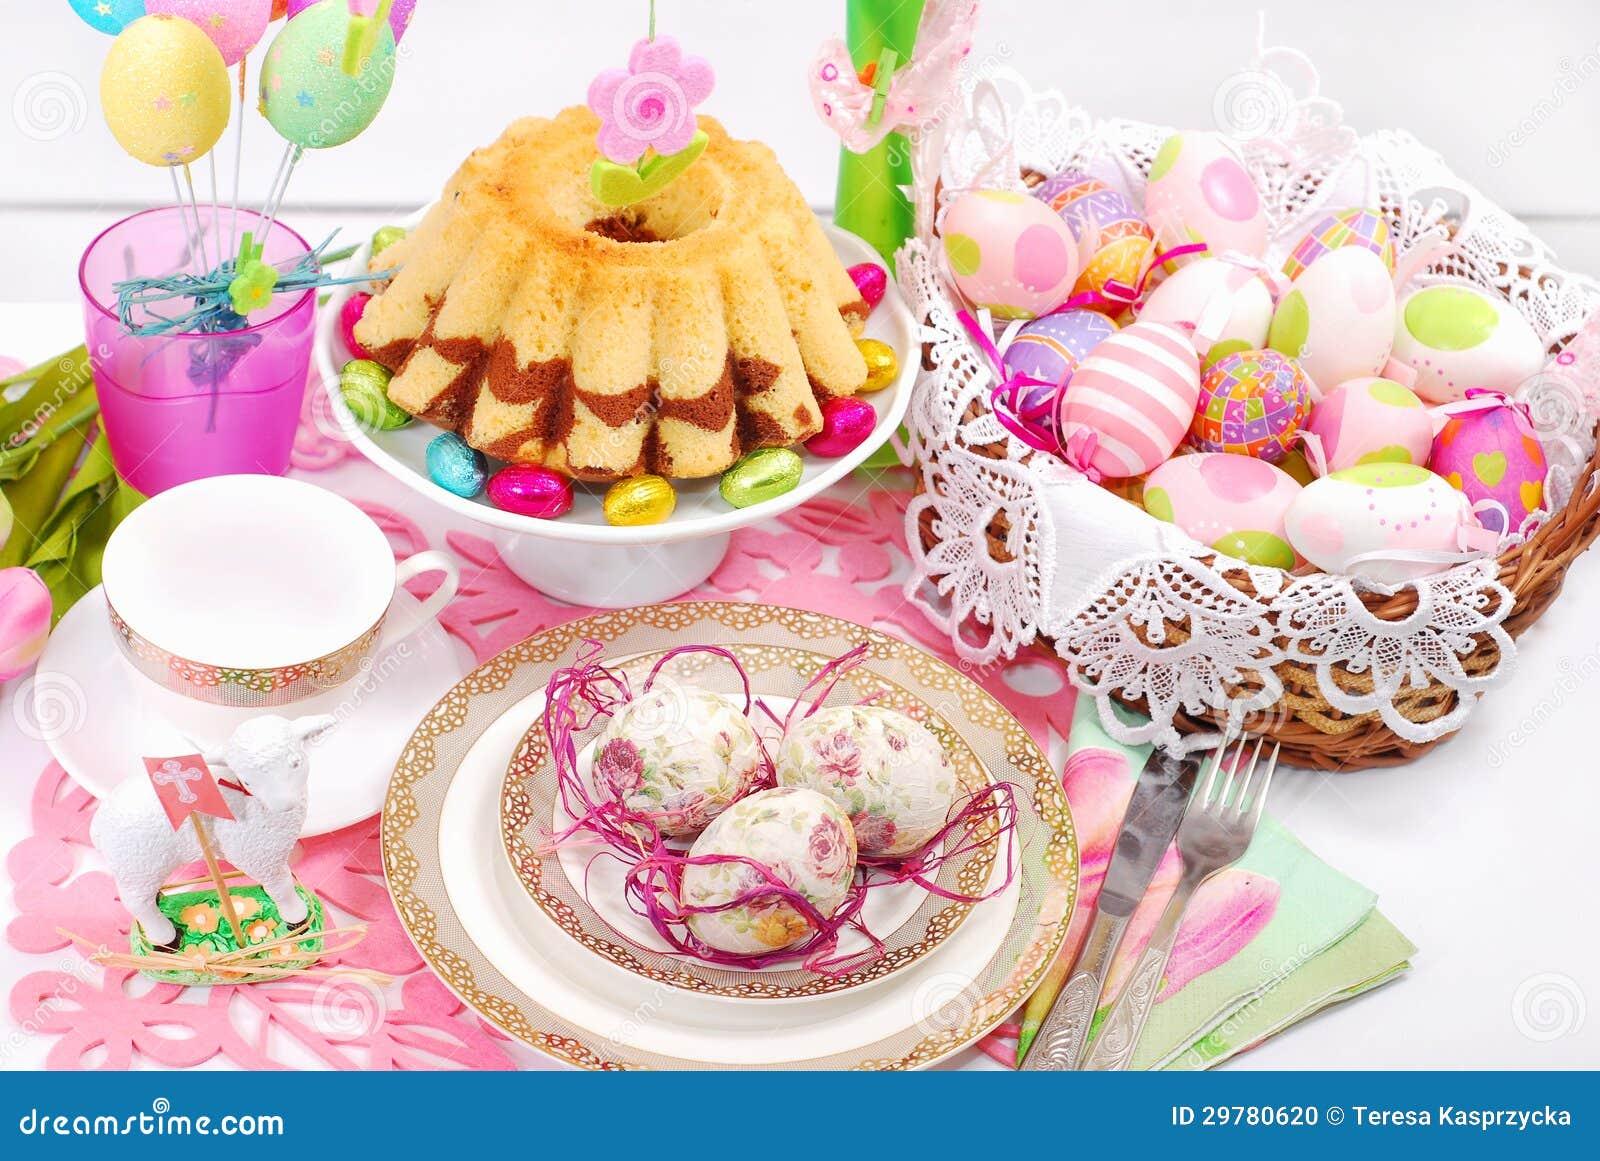 Décoration De Table De Pâques Avec Le Gâteau Et Le Panier Danneau ...